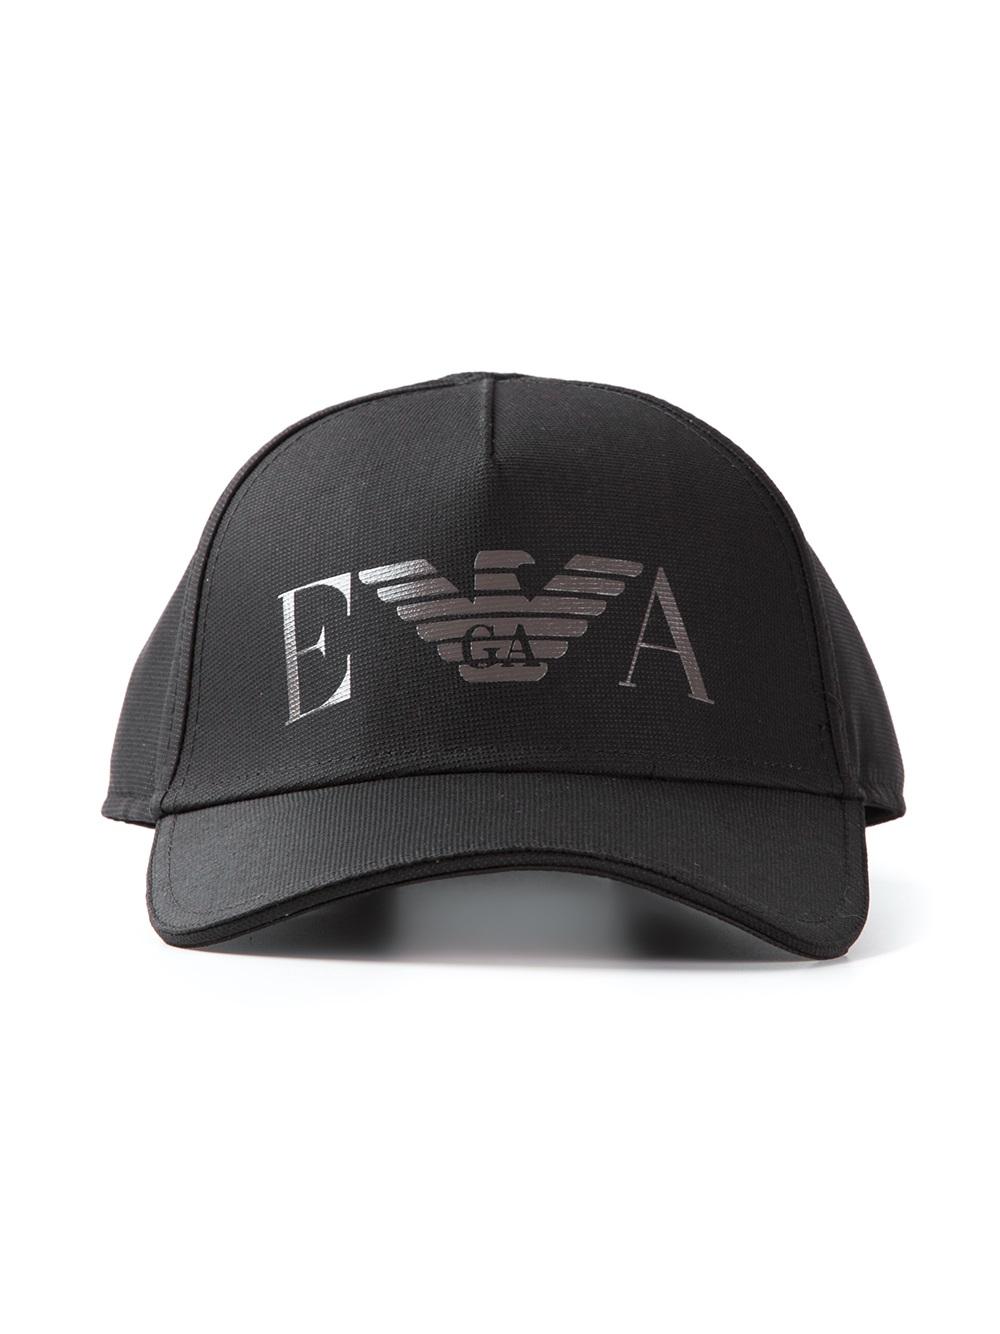 30f6b308aea Lyst - Emporio Armani Logo Cap in Black for Men